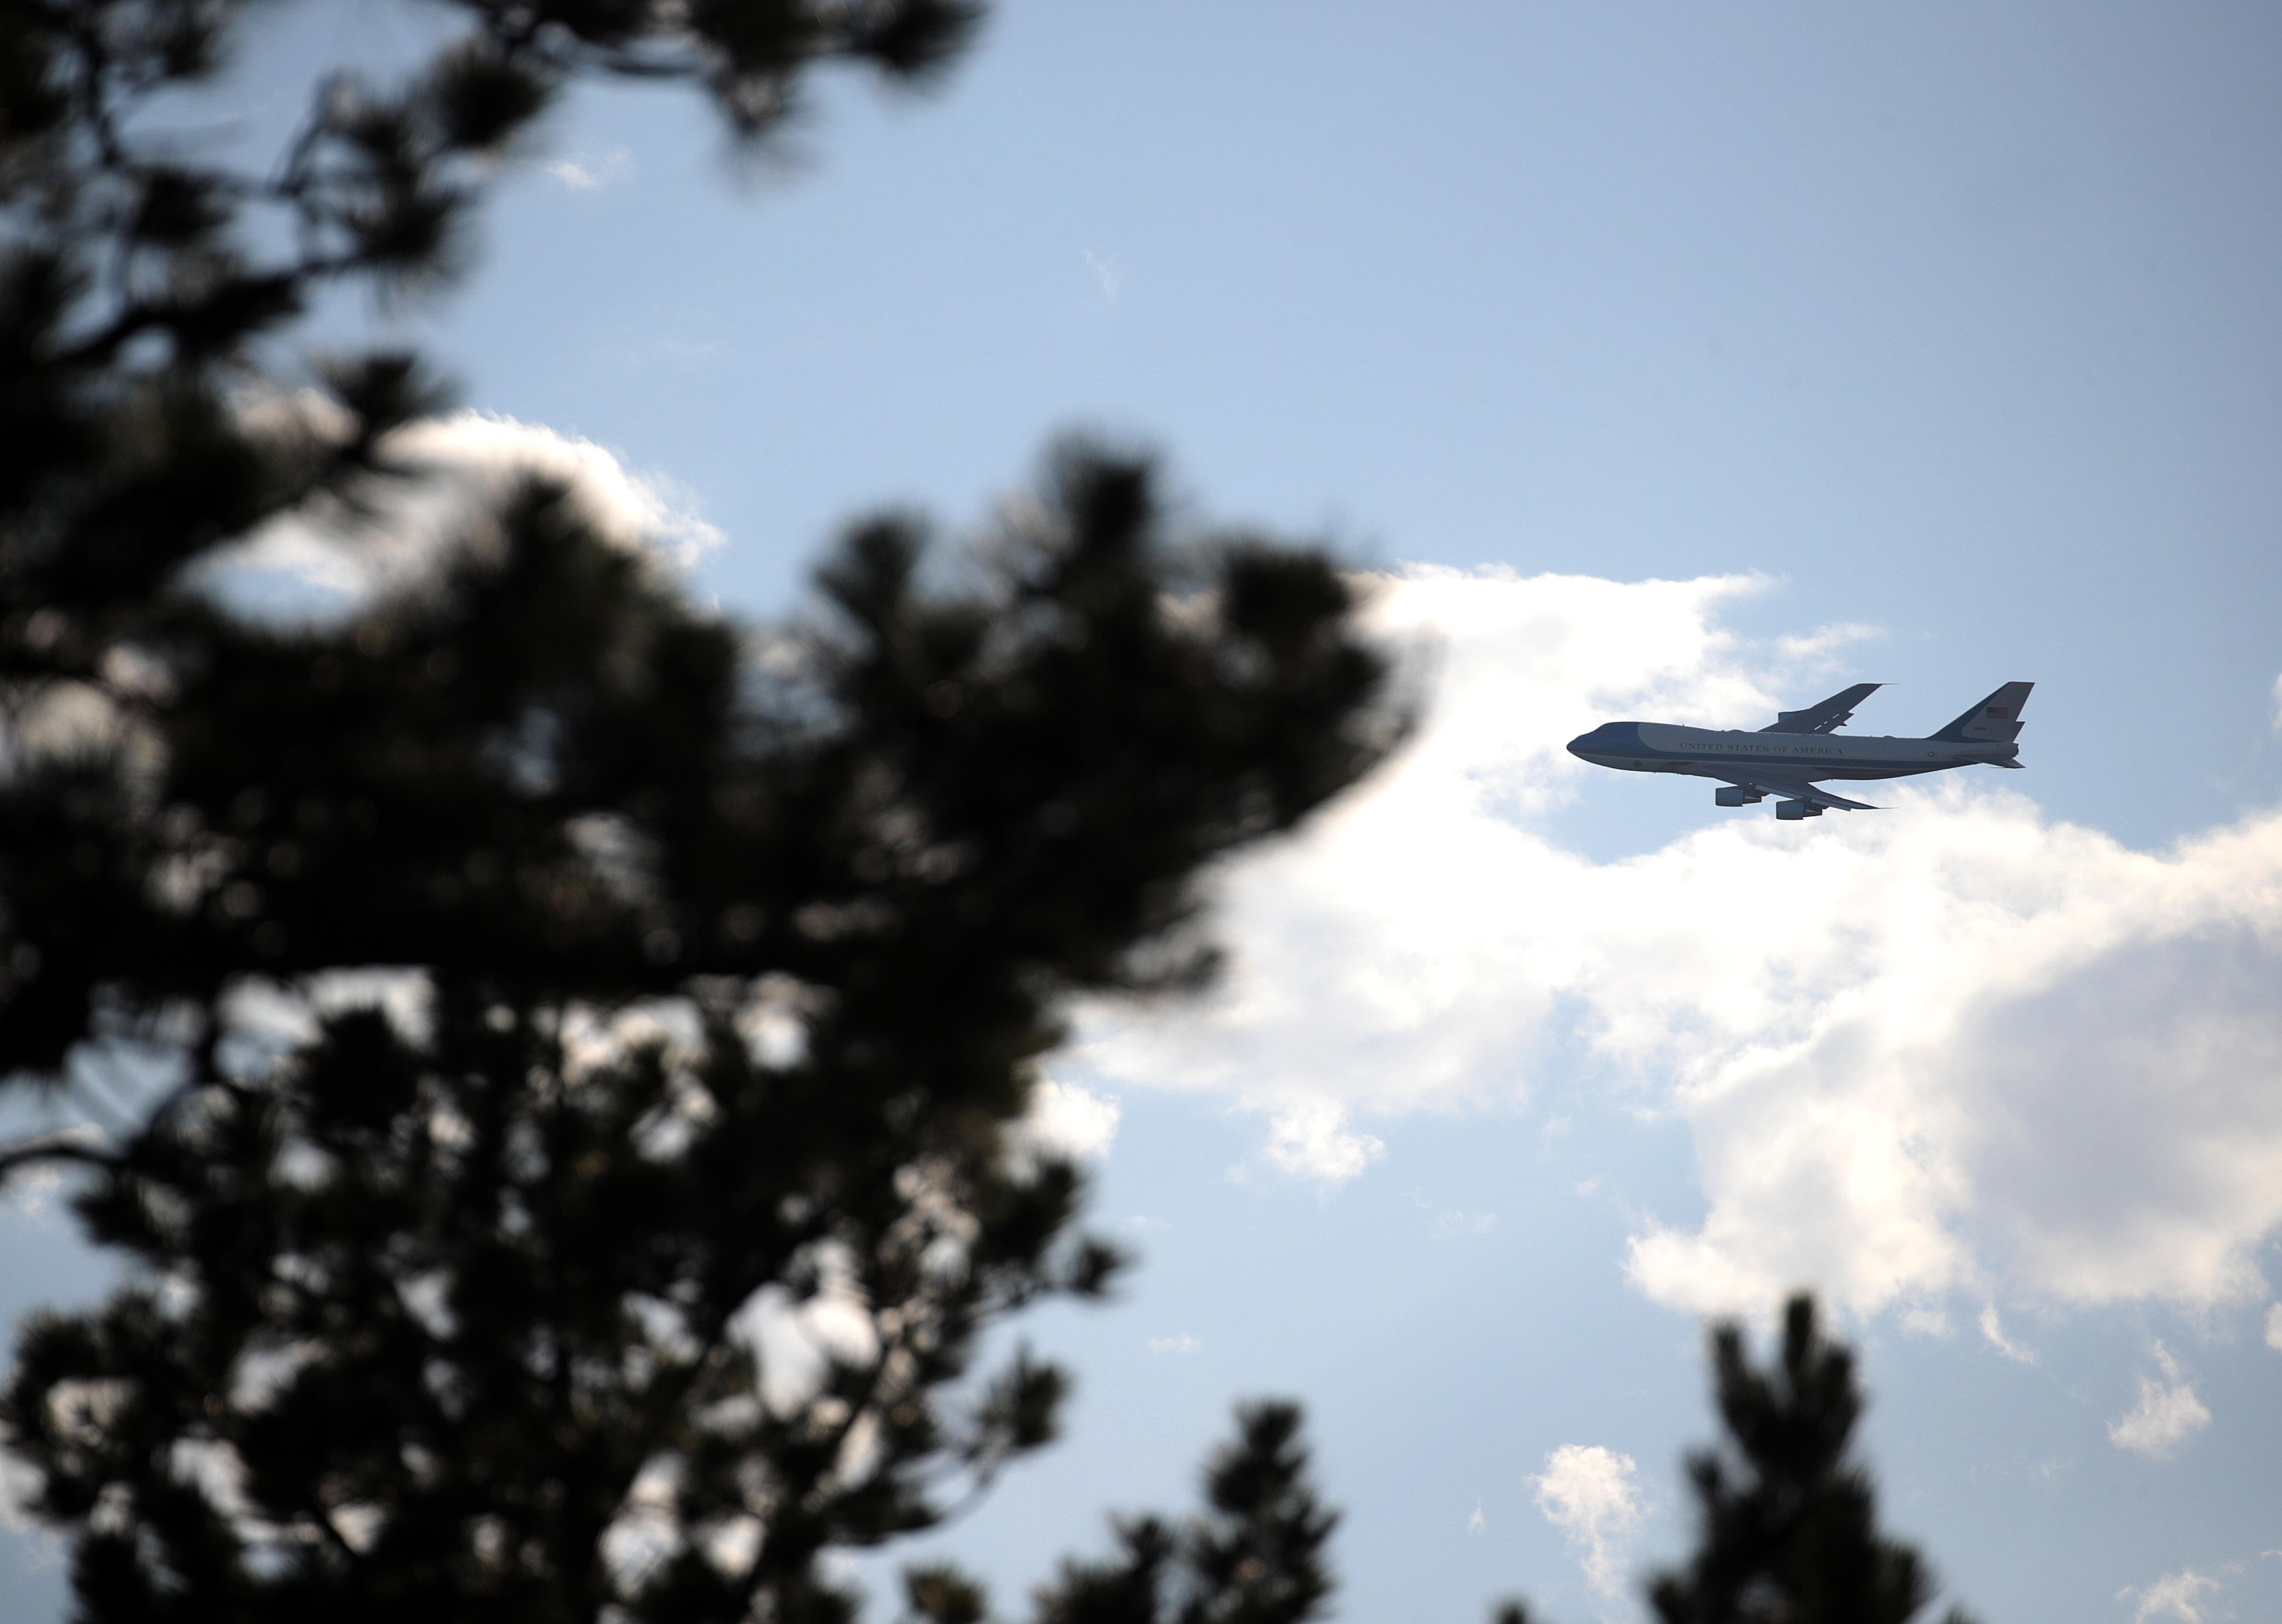 特朗普專機險遇無人機 五角大樓展開調查